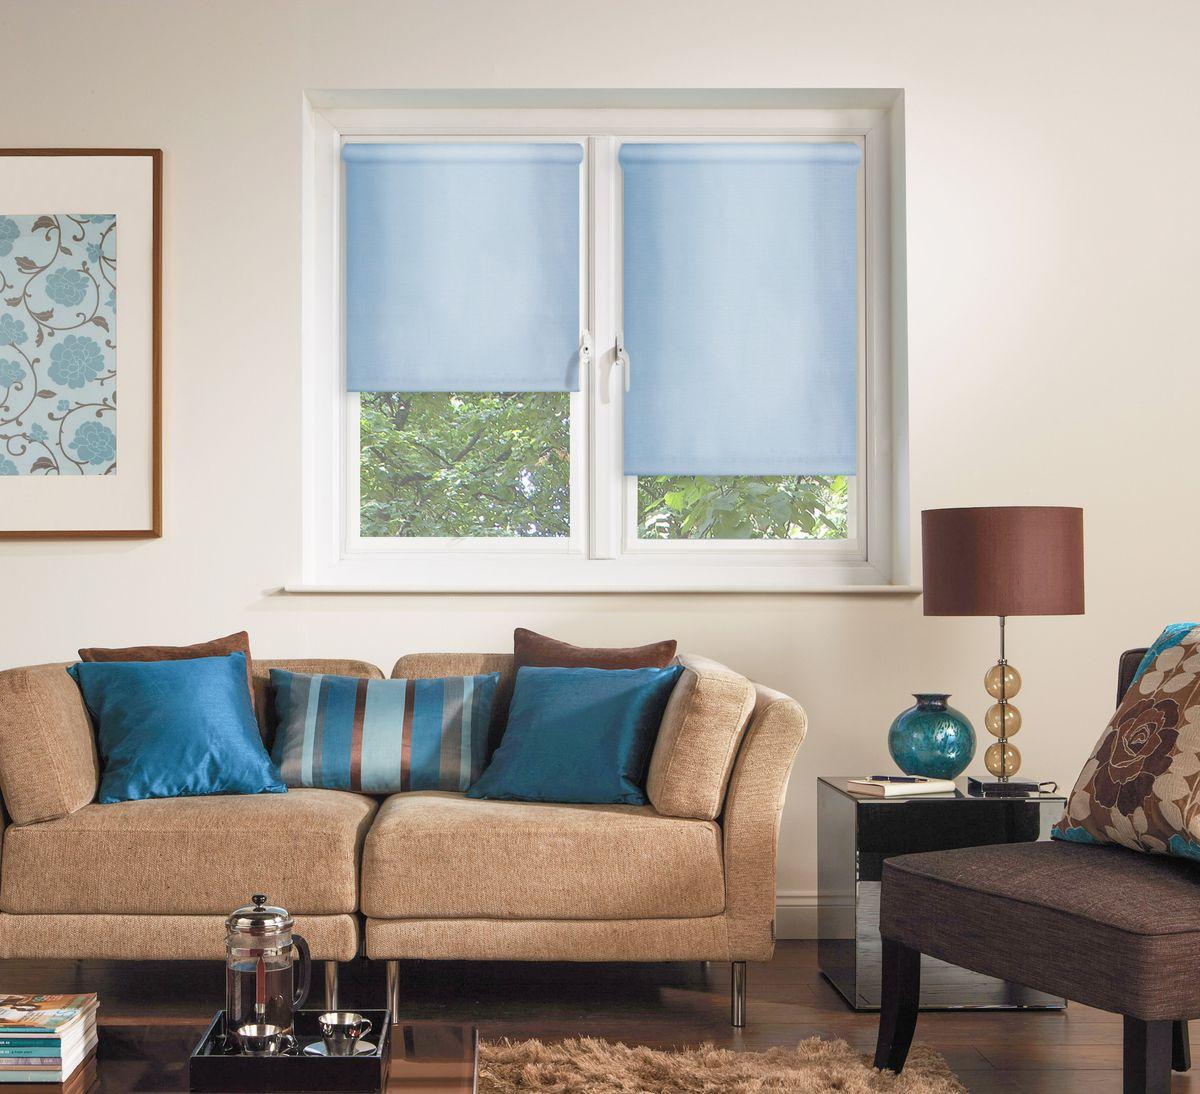 Штора рулонная Эскар Миниролло, цвет: голубой, ширина 98 см, высота 170 см31005098170Рулонная штора Эскар Миниролло выполнена из высокопрочной ткани, которая сохраняет свой размер даже при намокании. Ткань не выцветает и обладает отличной цветоустойчивостью.Миниролло - это подвид рулонных штор, который закрывает не весь оконный проем, а непосредственно само стекло. Такие шторы крепятся на раму без сверления при помощи зажимов или клейкой двухсторонней ленты (в комплекте). Окно остается на гарантии, благодаря монтажу без сверления. Такая штора станет прекрасным элементом декора окна и гармонично впишется в интерьер любого помещения.